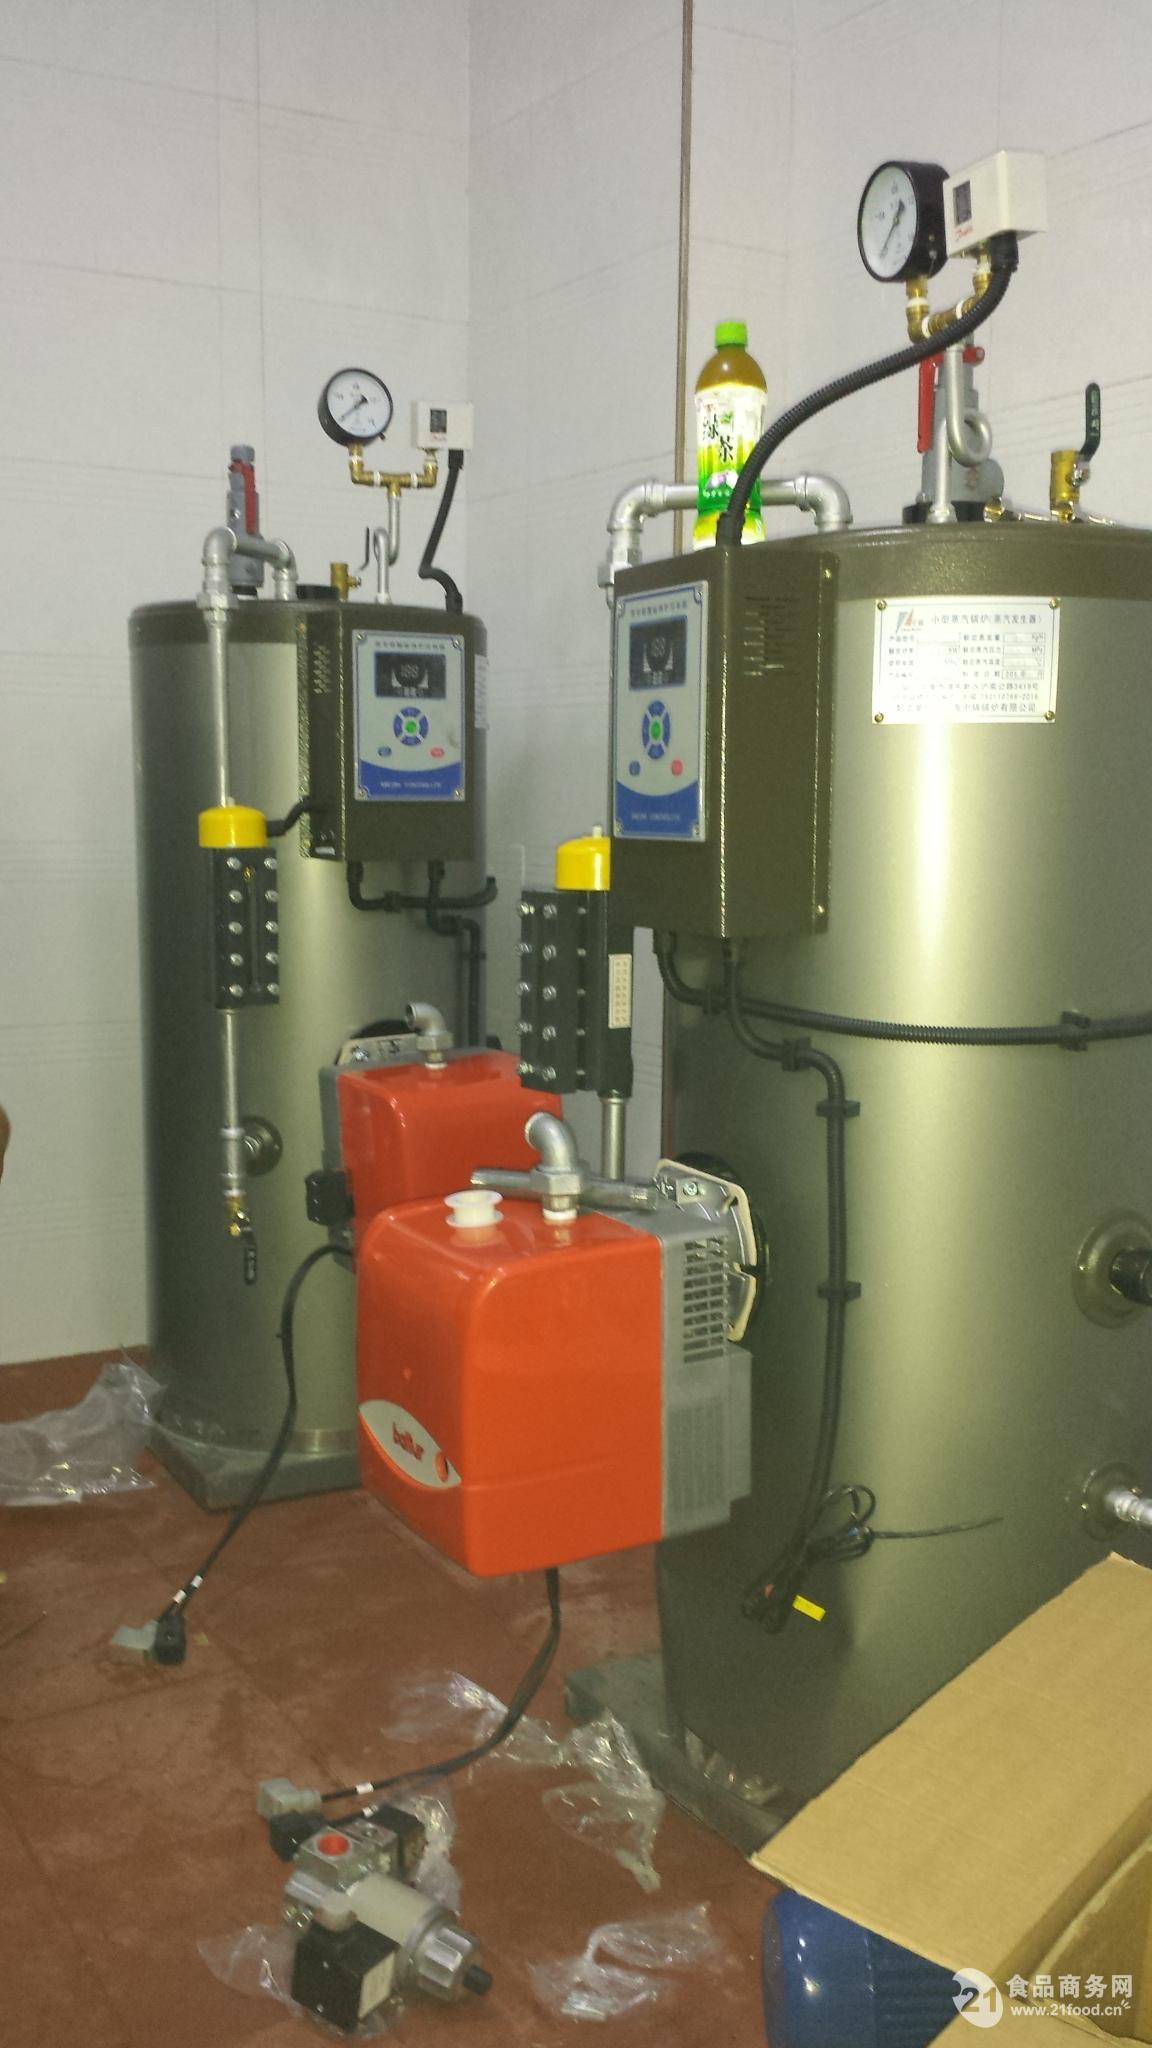 50公斤燃气蒸汽发生器